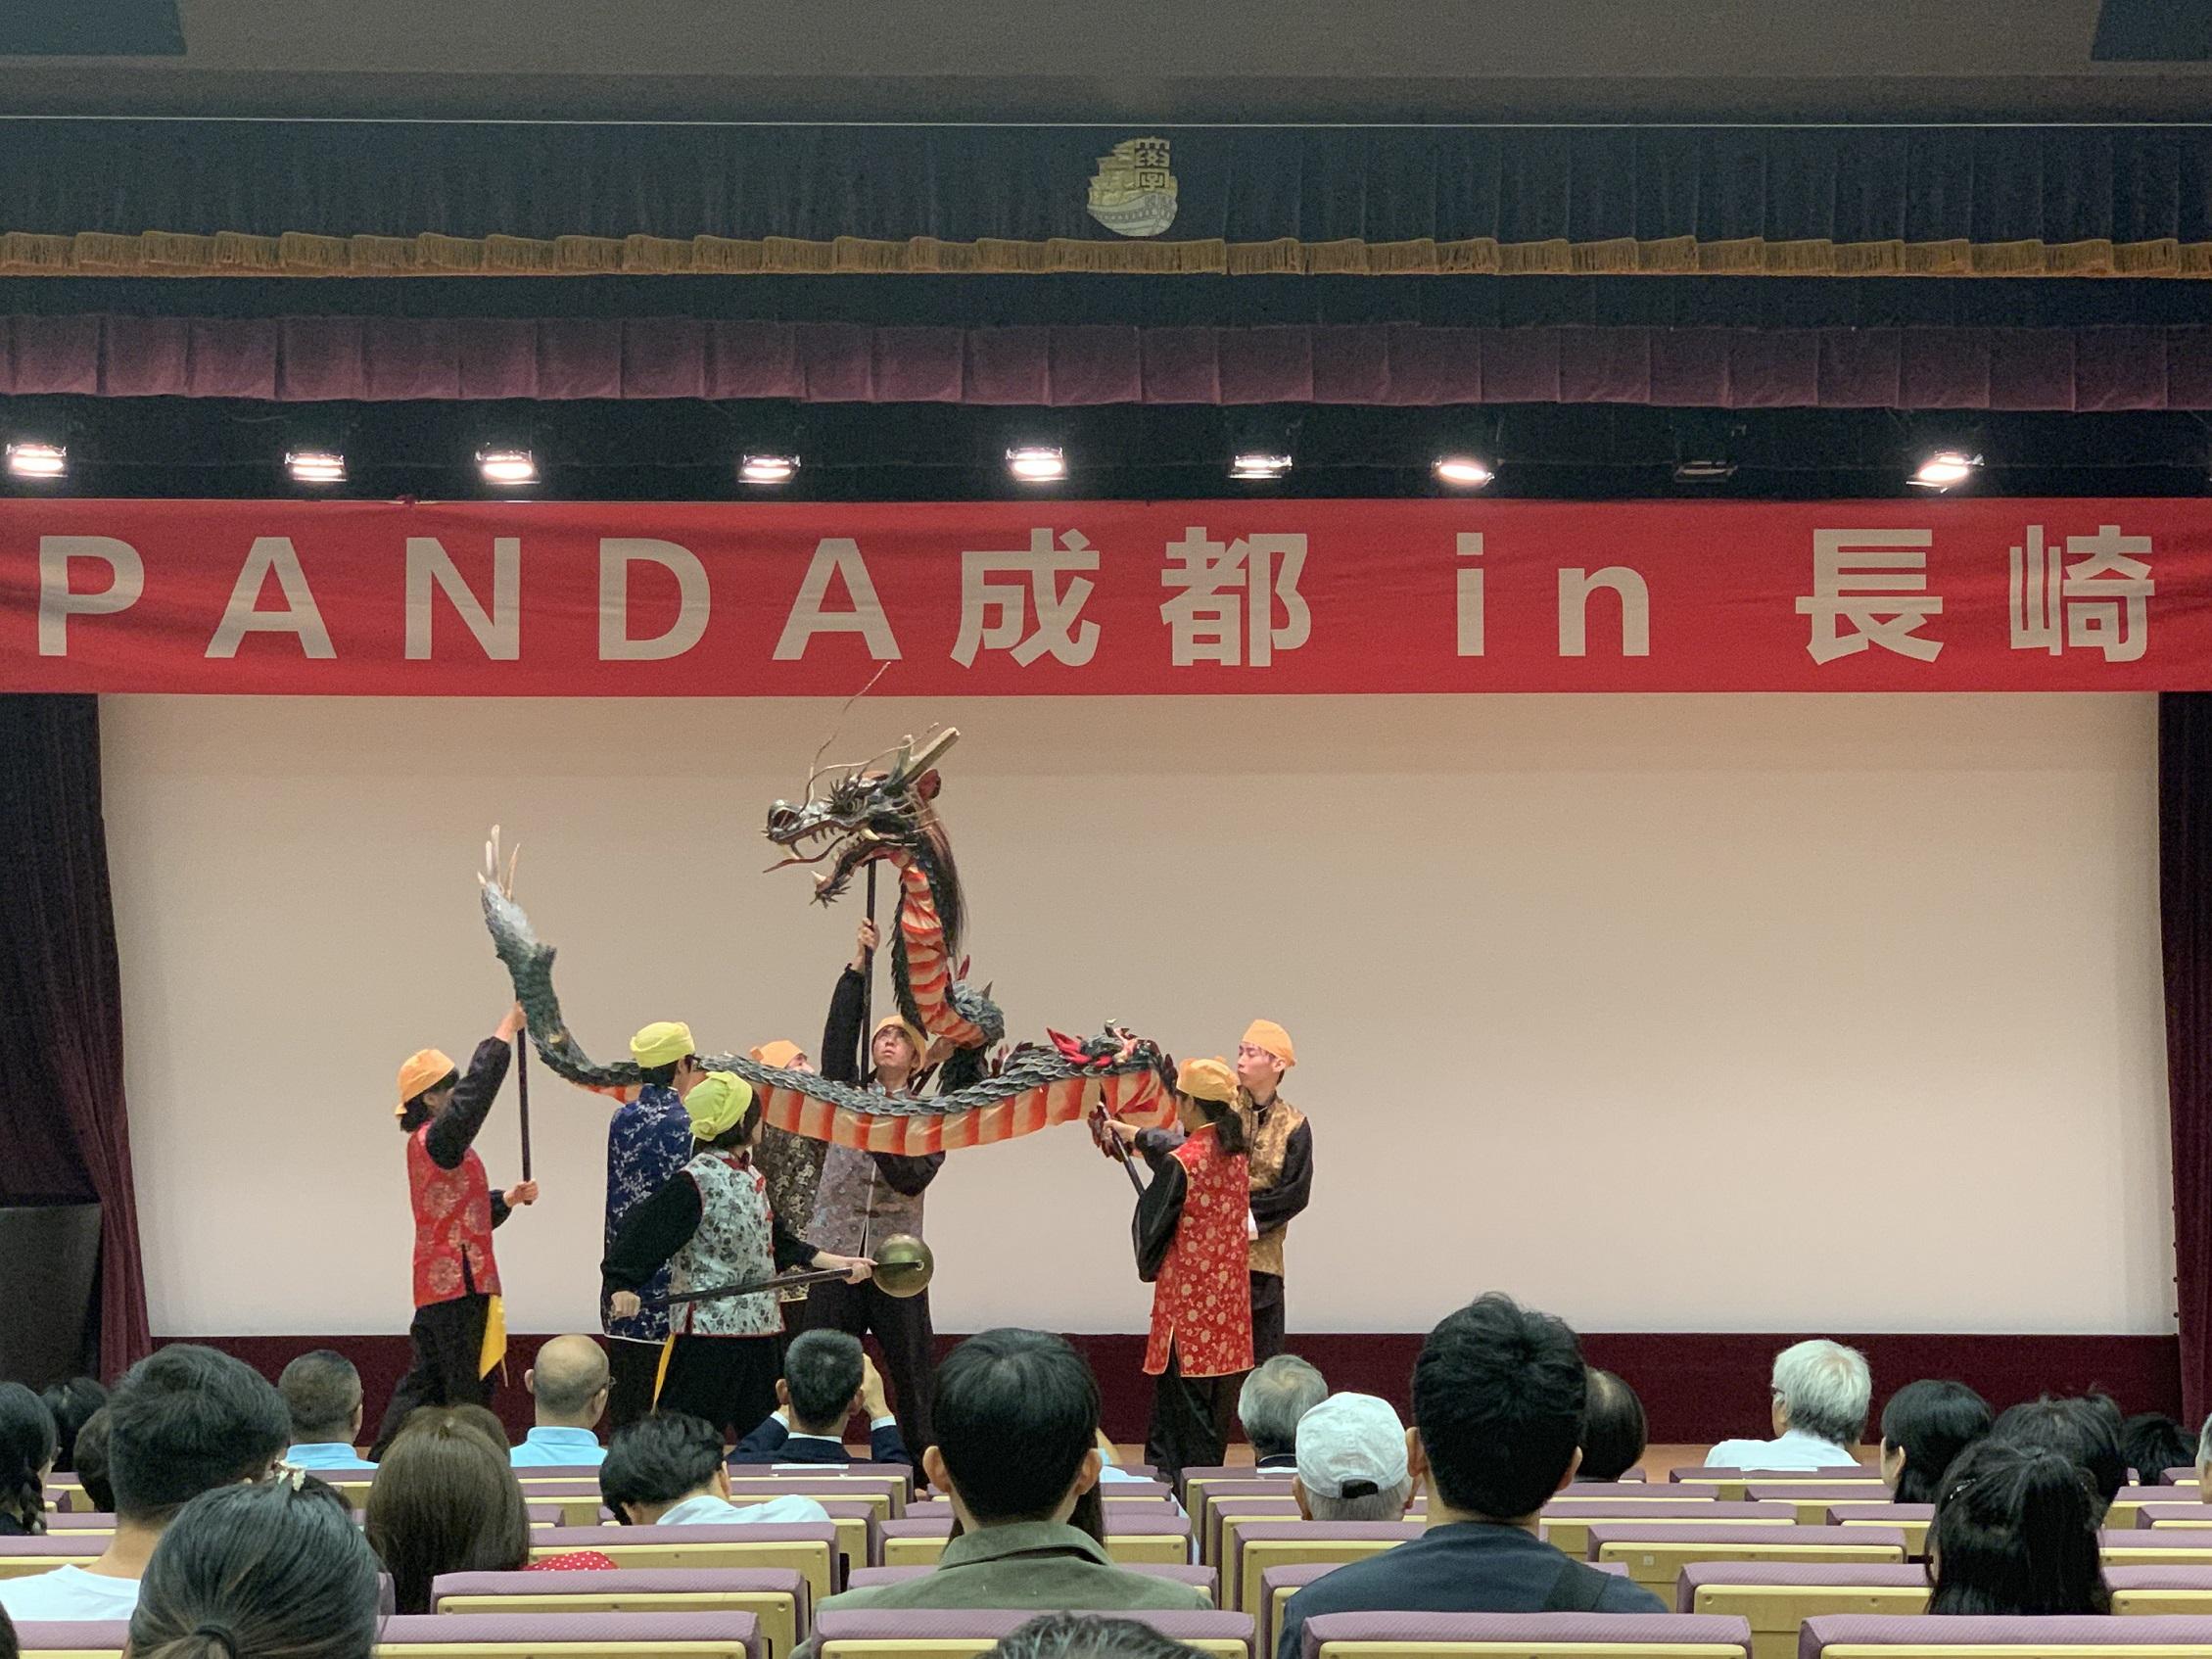 長崎大学全学龍踊部の演出